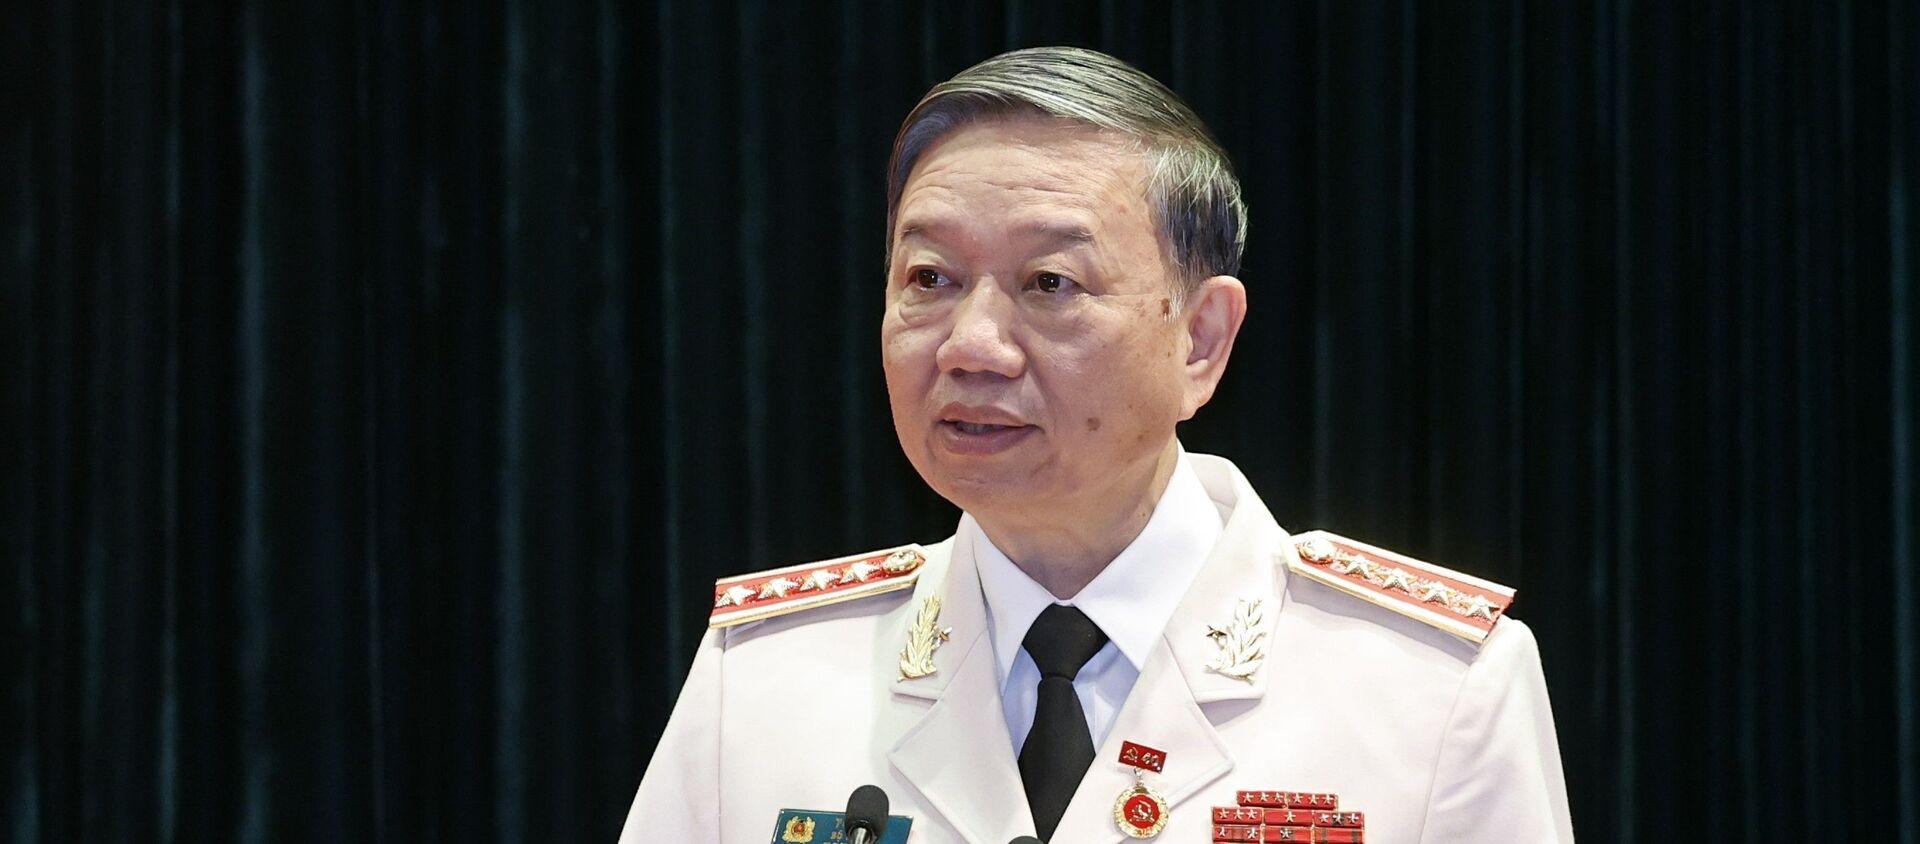 Đại tướng Tô Lâm, Uỷ viên Bộ Chính trị, Bộ trưởng Bộ Công an phát biểu. - Sputnik Việt Nam, 1920, 19.08.2021